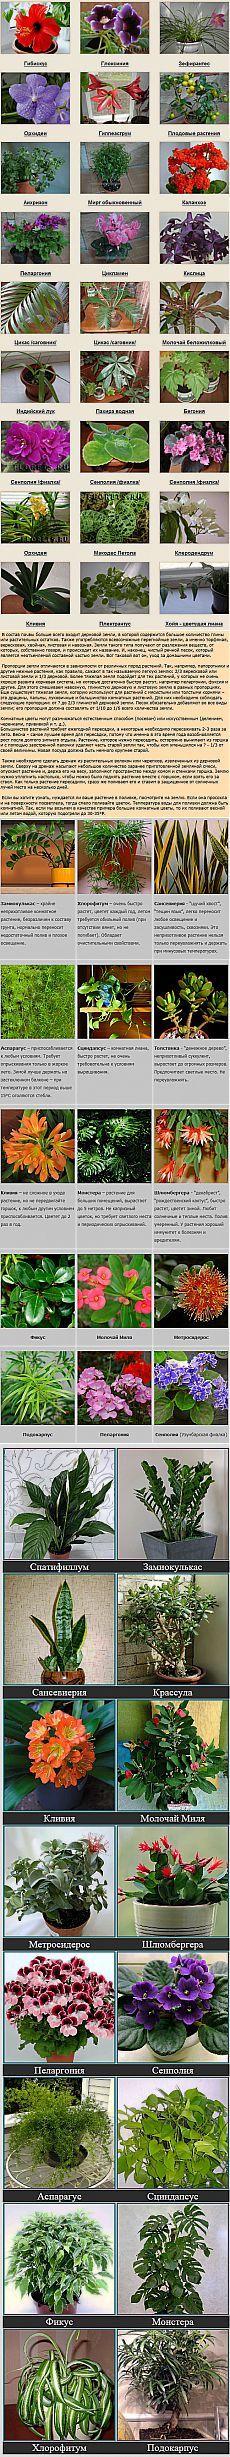 КОМНАТНЫЕ РАСТЕНИЯ ФОТО И НАЗВАНИЯ | Неприхотливые цветущие растения с…